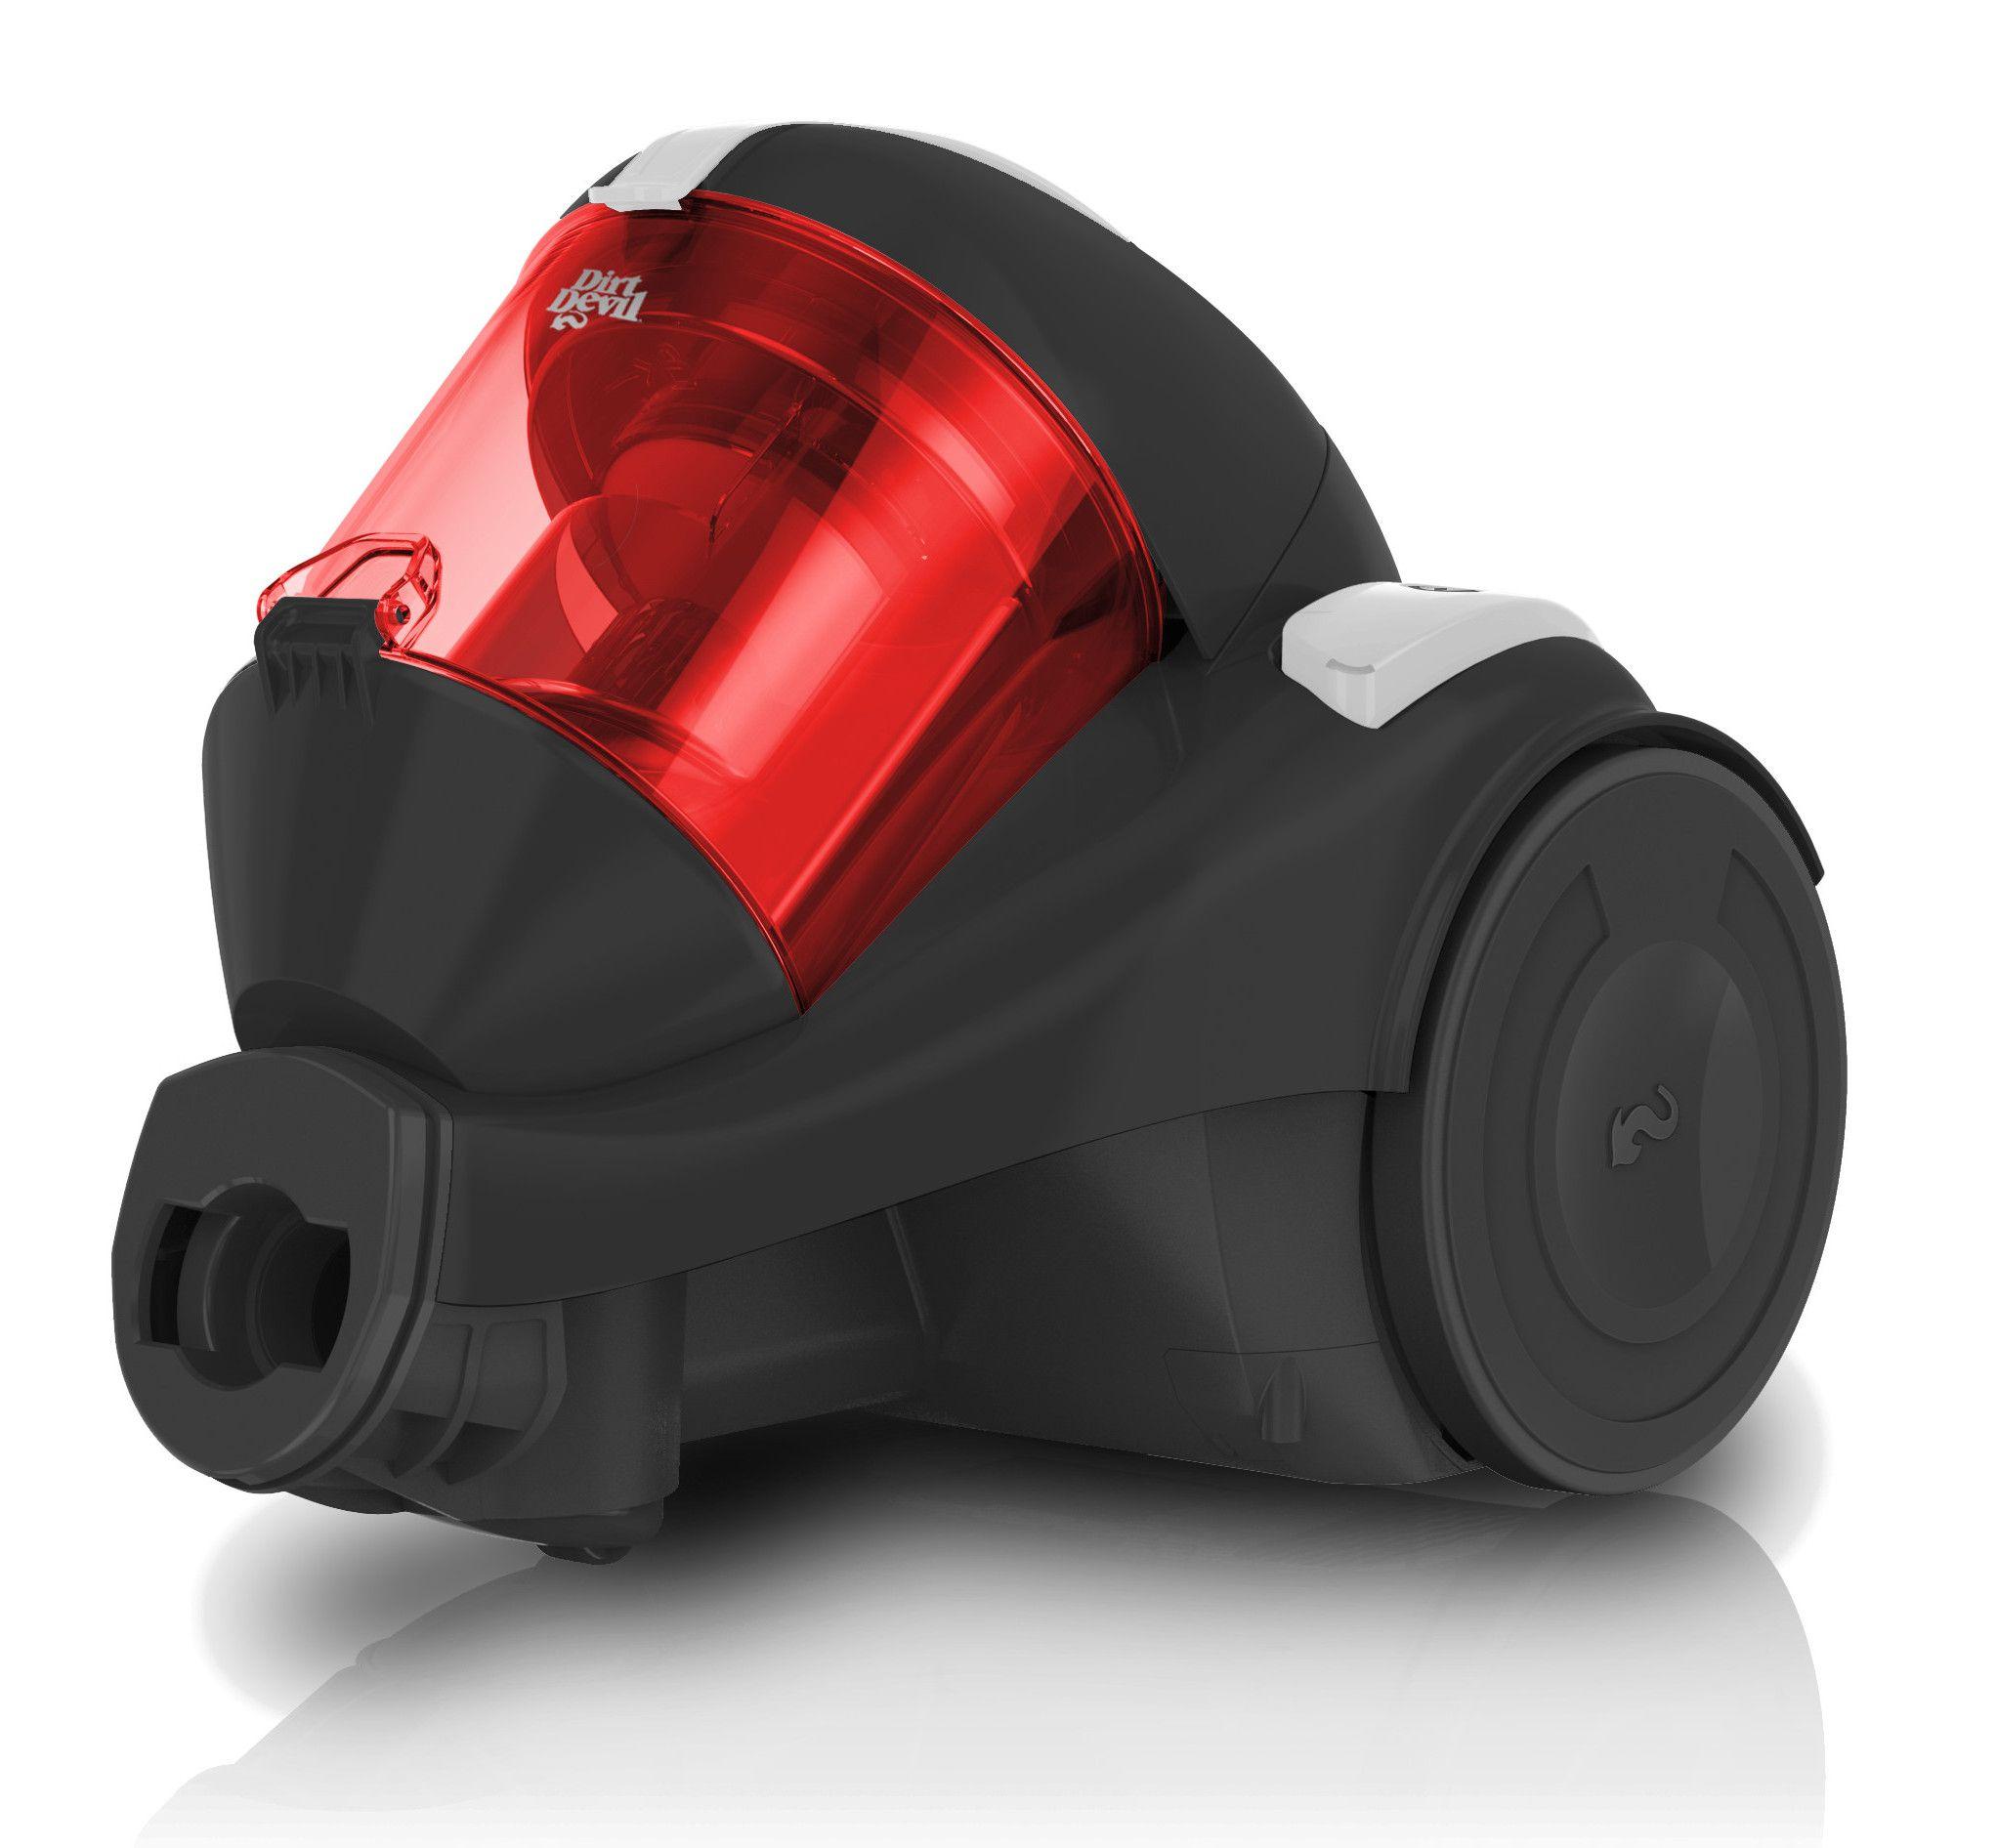 Aspirateur sans sac dirt devil dd 2820 3 achat vente aspirateur traineau cdiscount - Nettoyer filtre aspirateur sans sac ...